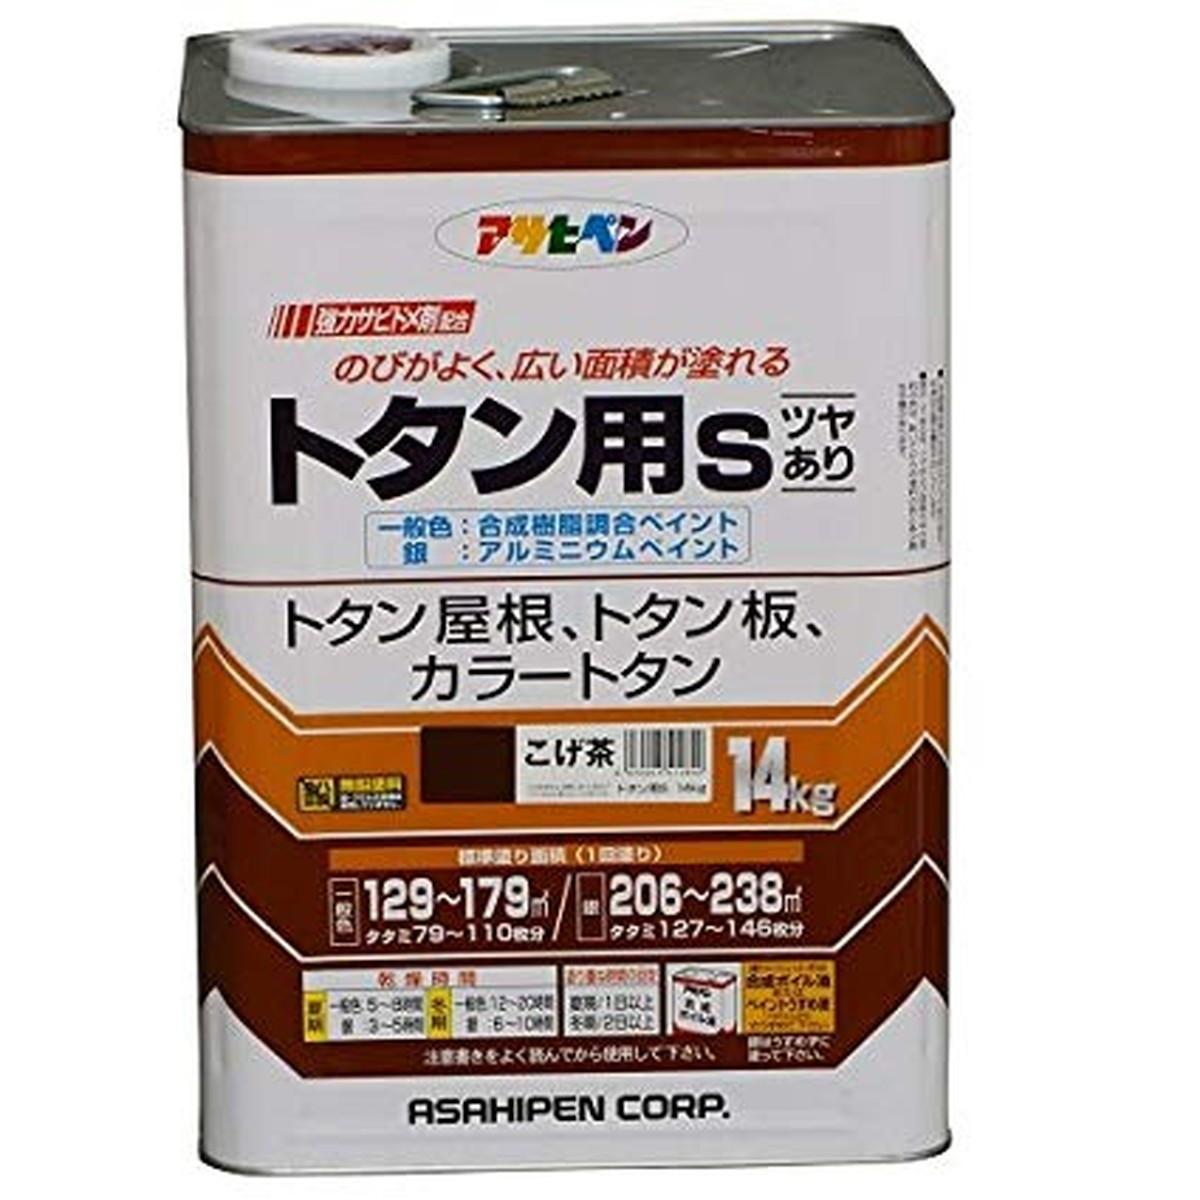 アサヒペン トタン用S 14kg こげ茶【クーポン配布中】